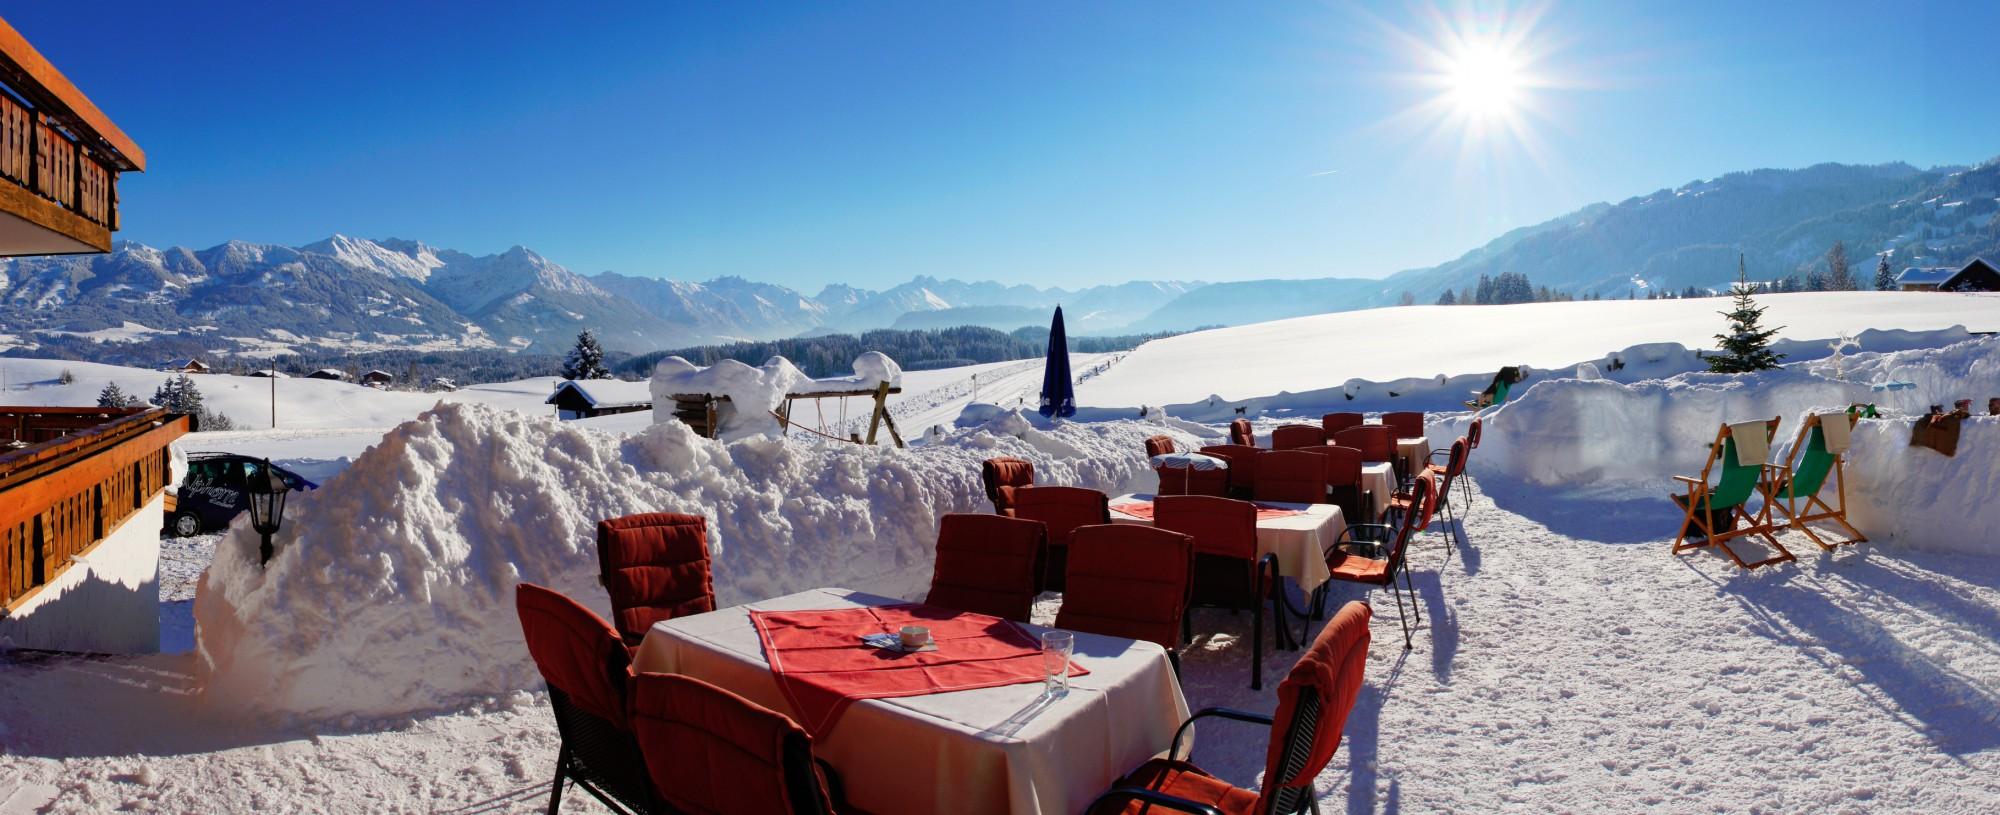 Der perfekte Winterurlaub im Allgäu in Ofterschwang - Jetzt genießen